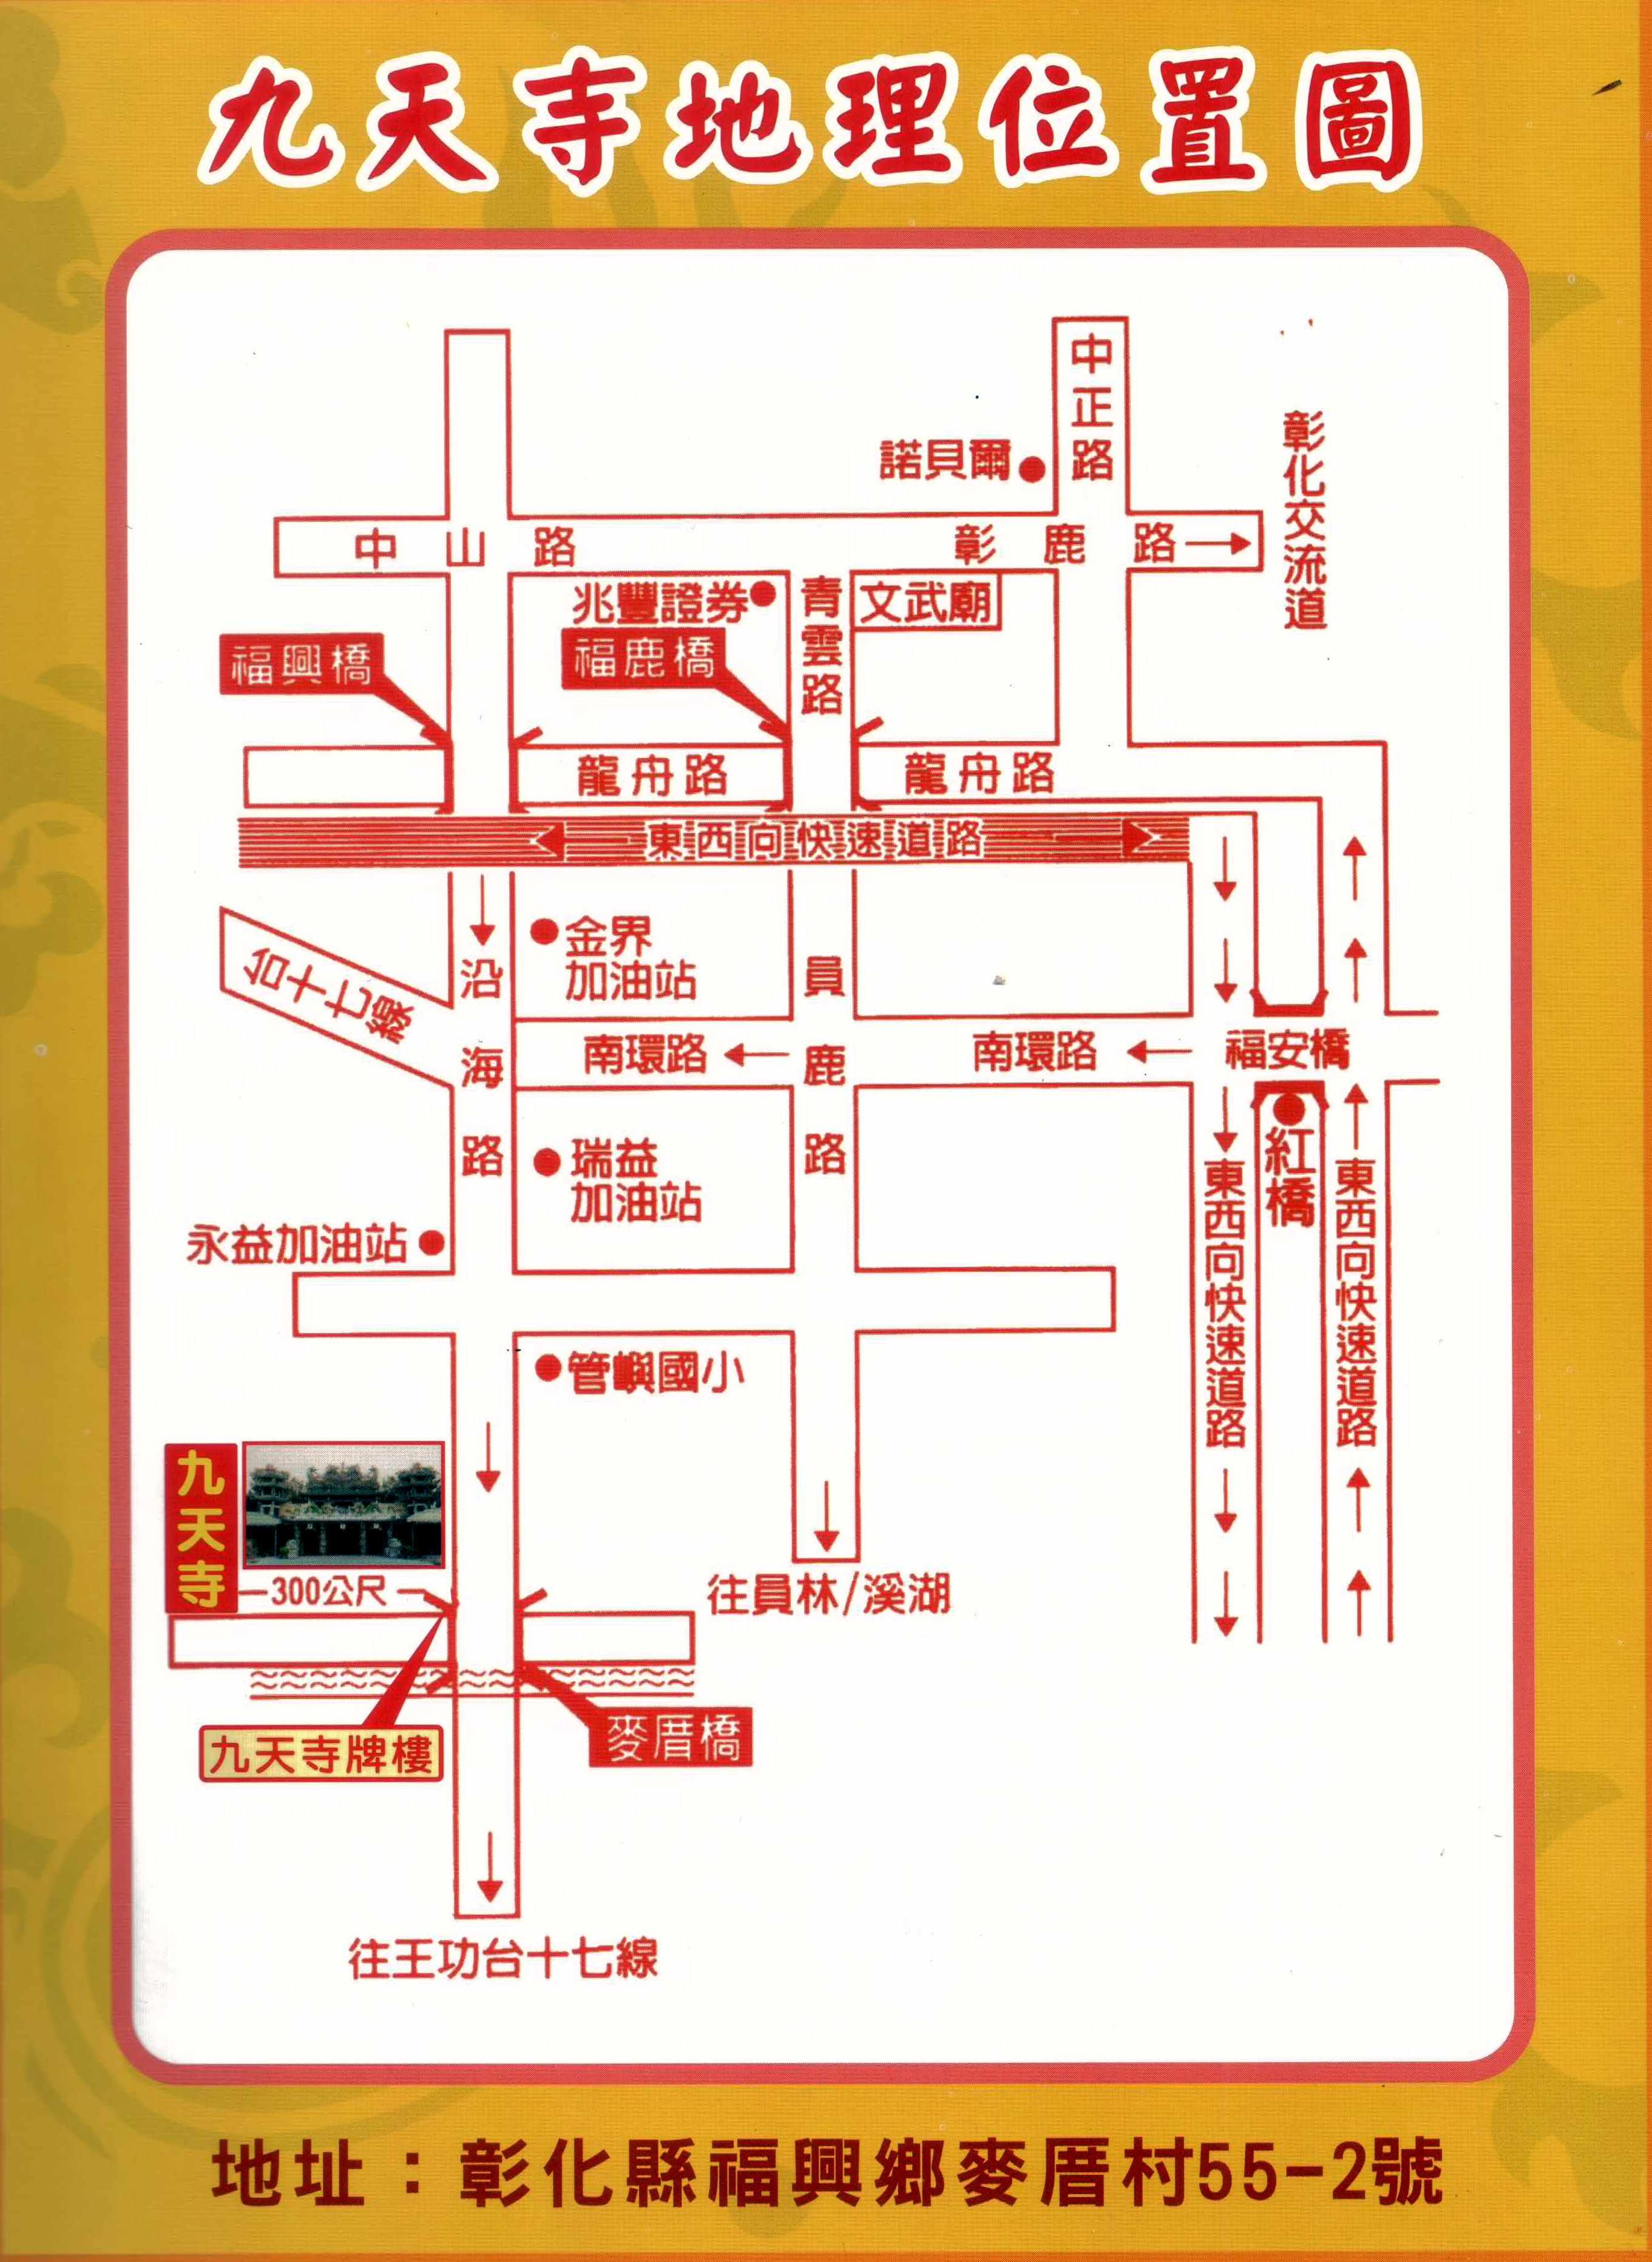 九天寺地理位置圖.jpg